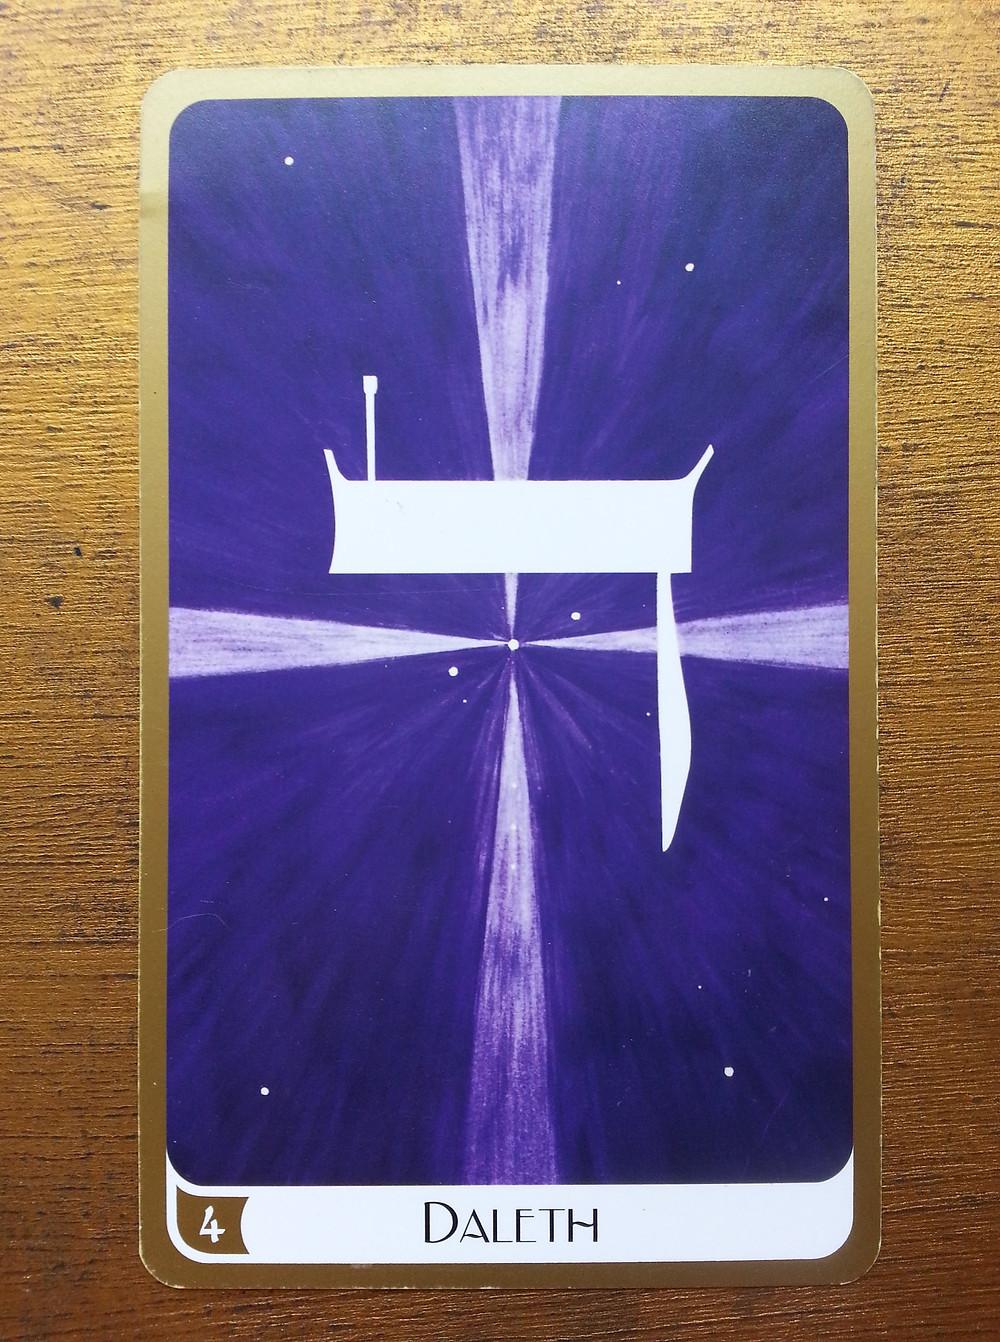 Carte tirée du Tarot des Lettres Hébraïques de Marie Elia (carte 4 Daleth)